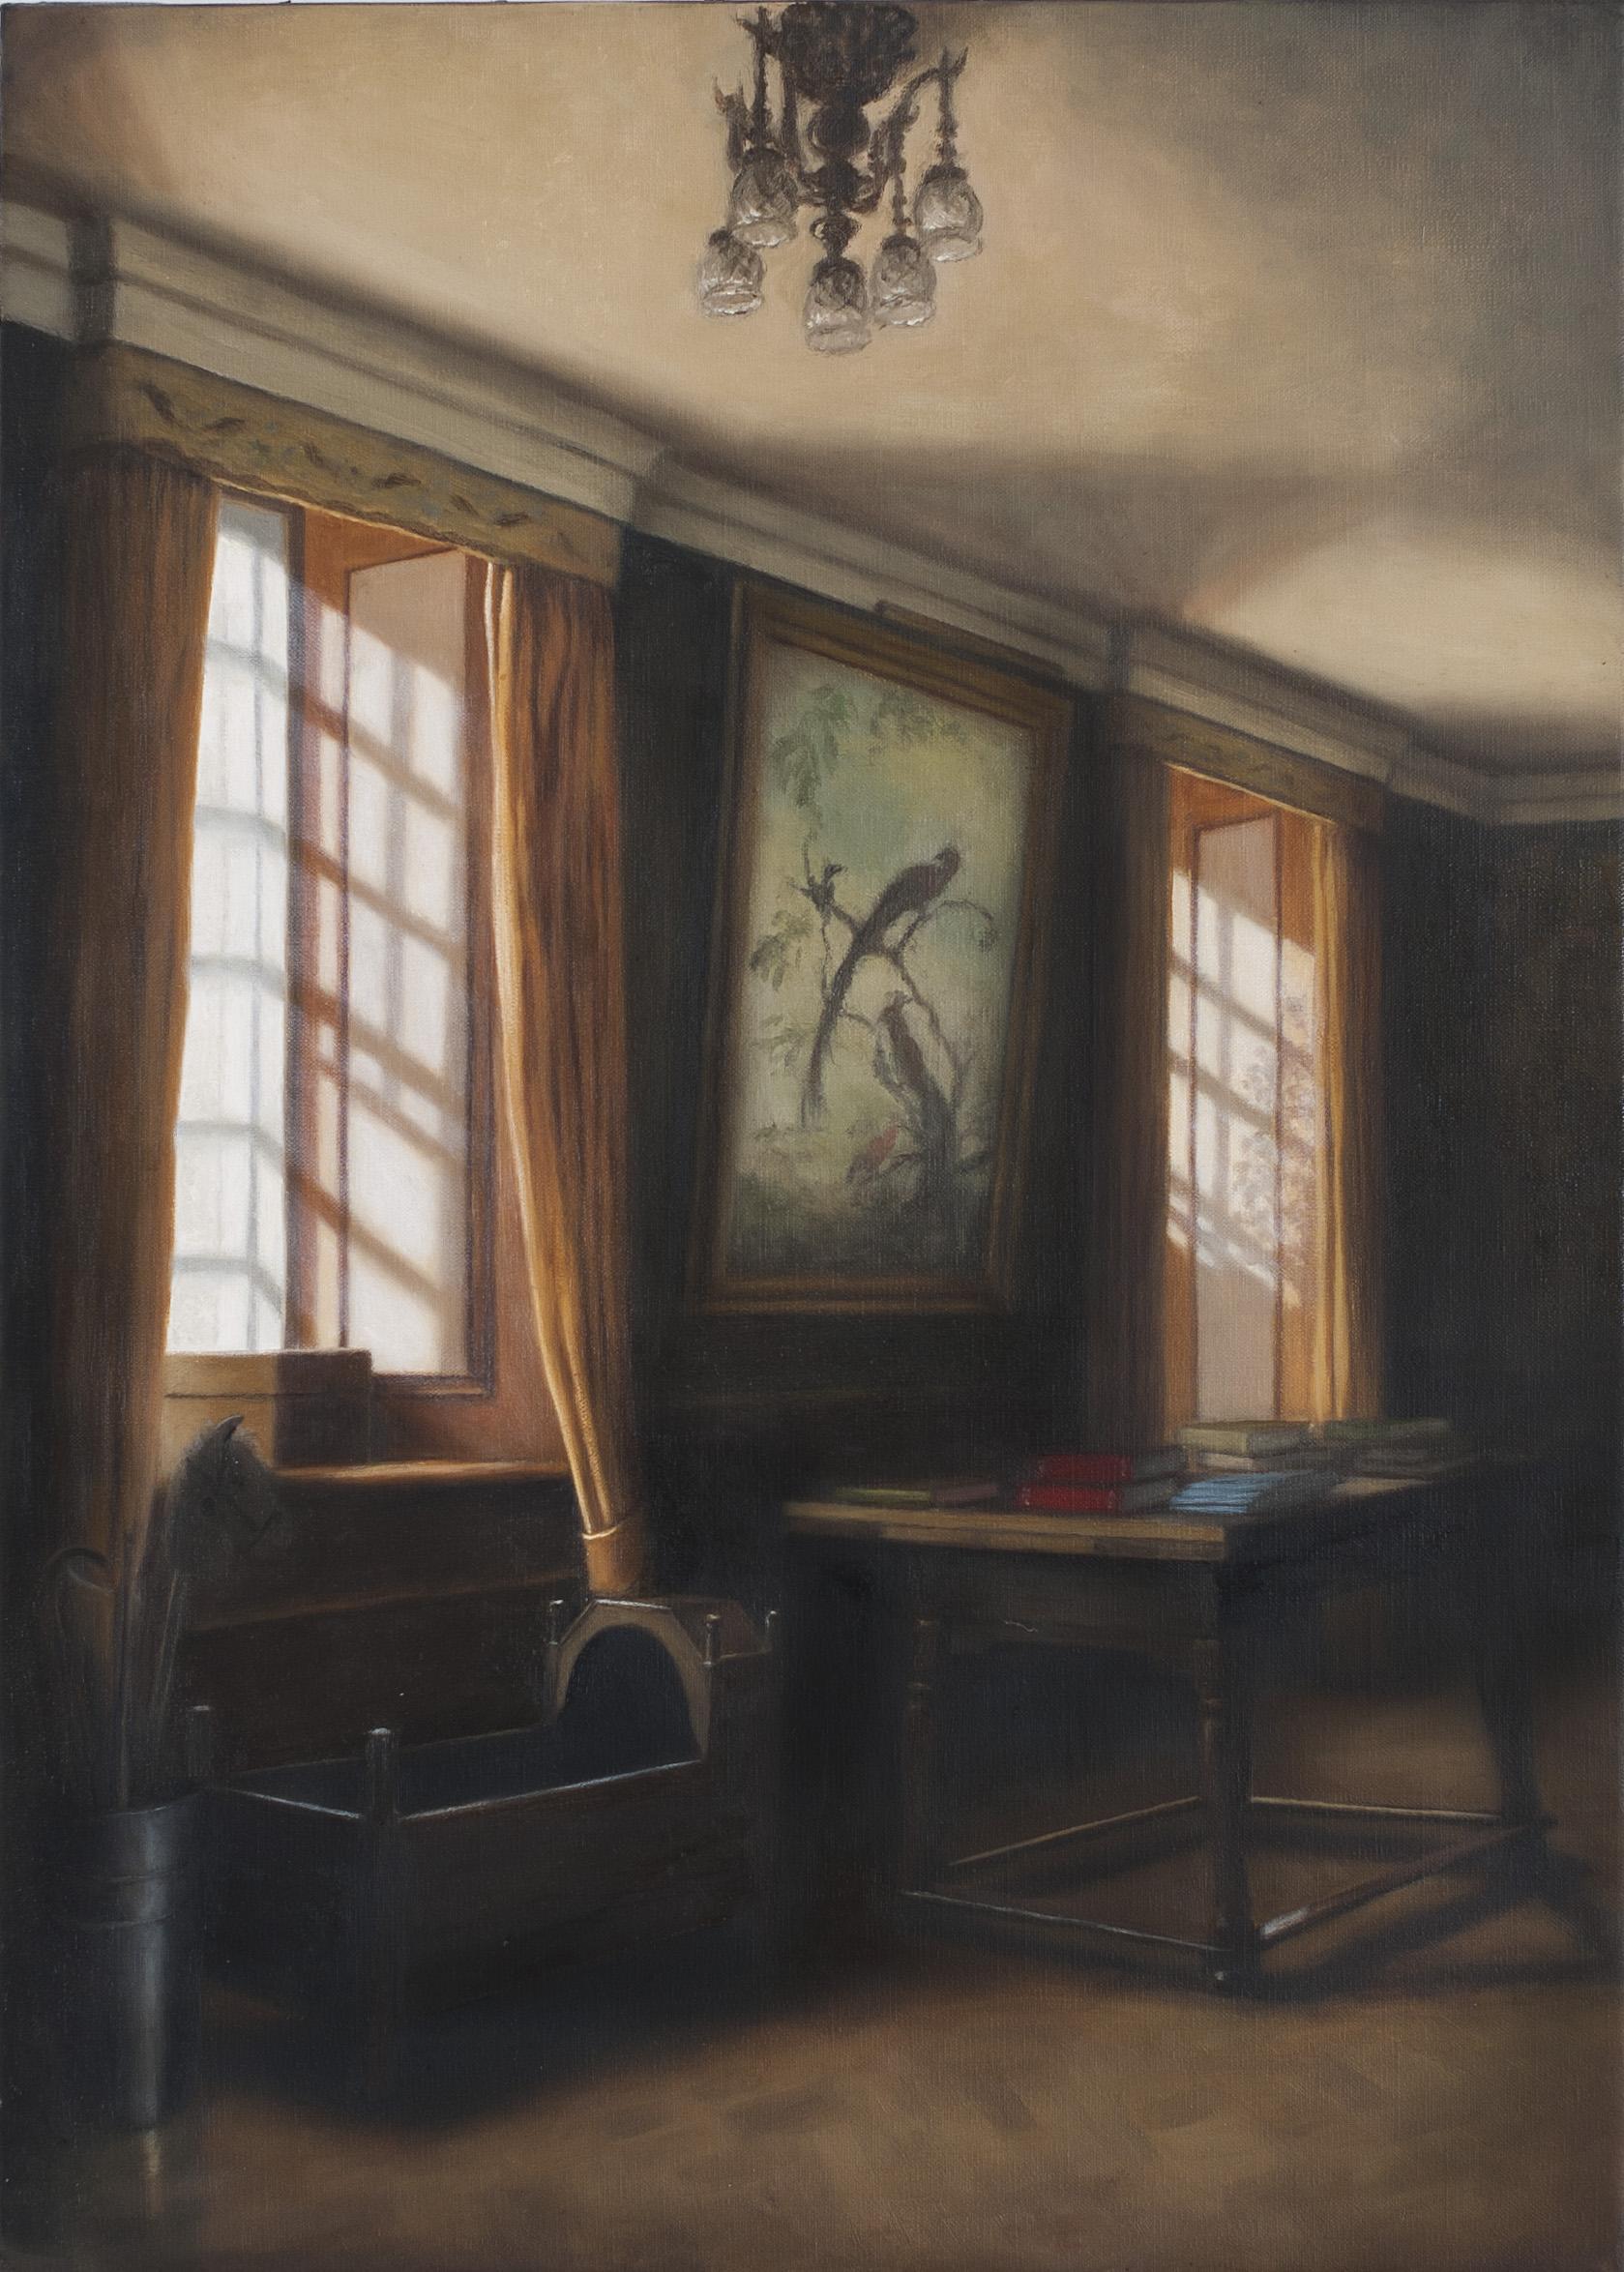 'Pelmanism' by artist Andrew McNeile Jones